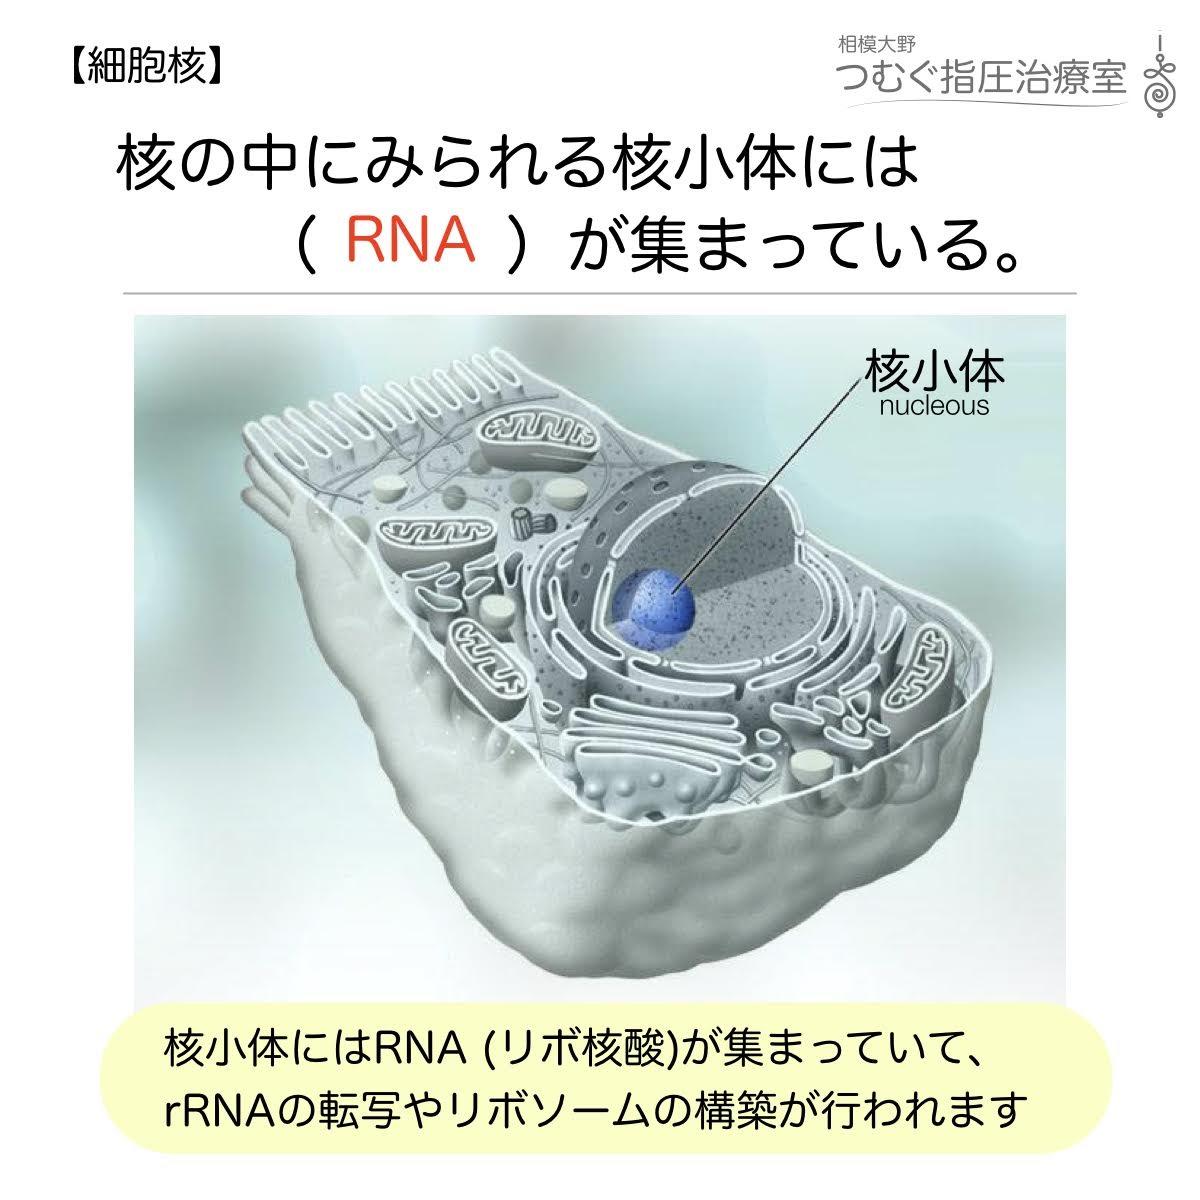 核の中にみられる核小体にはRNAが集まっている